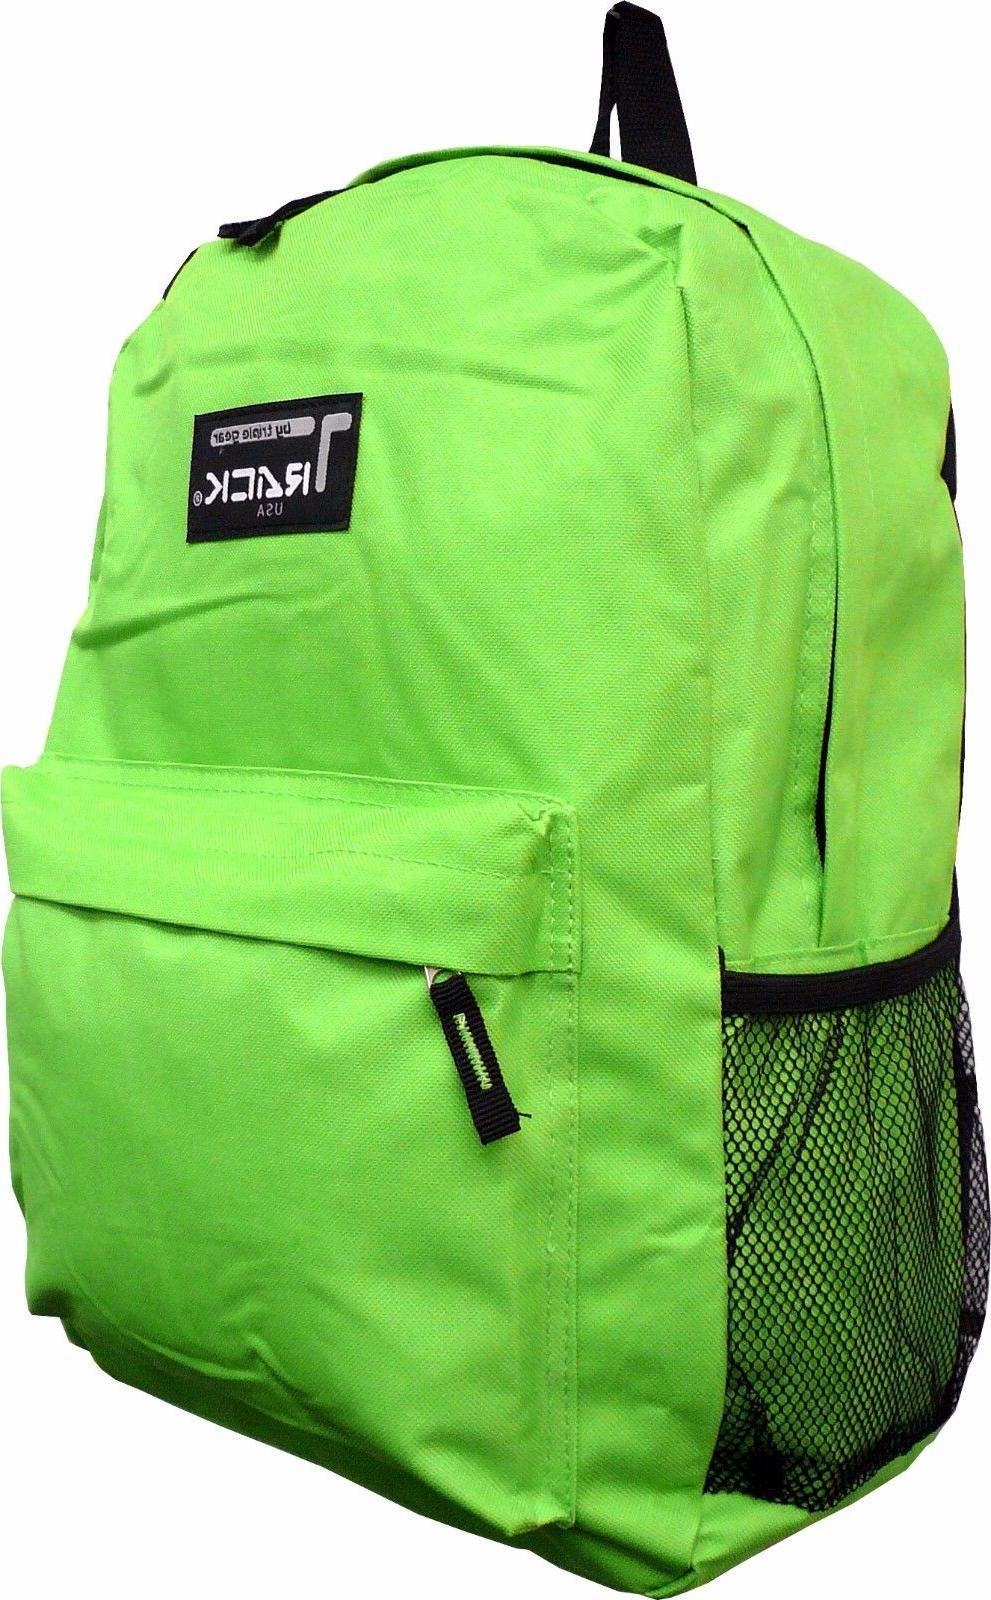 New Color / Emoji School Travel Backpack Bag